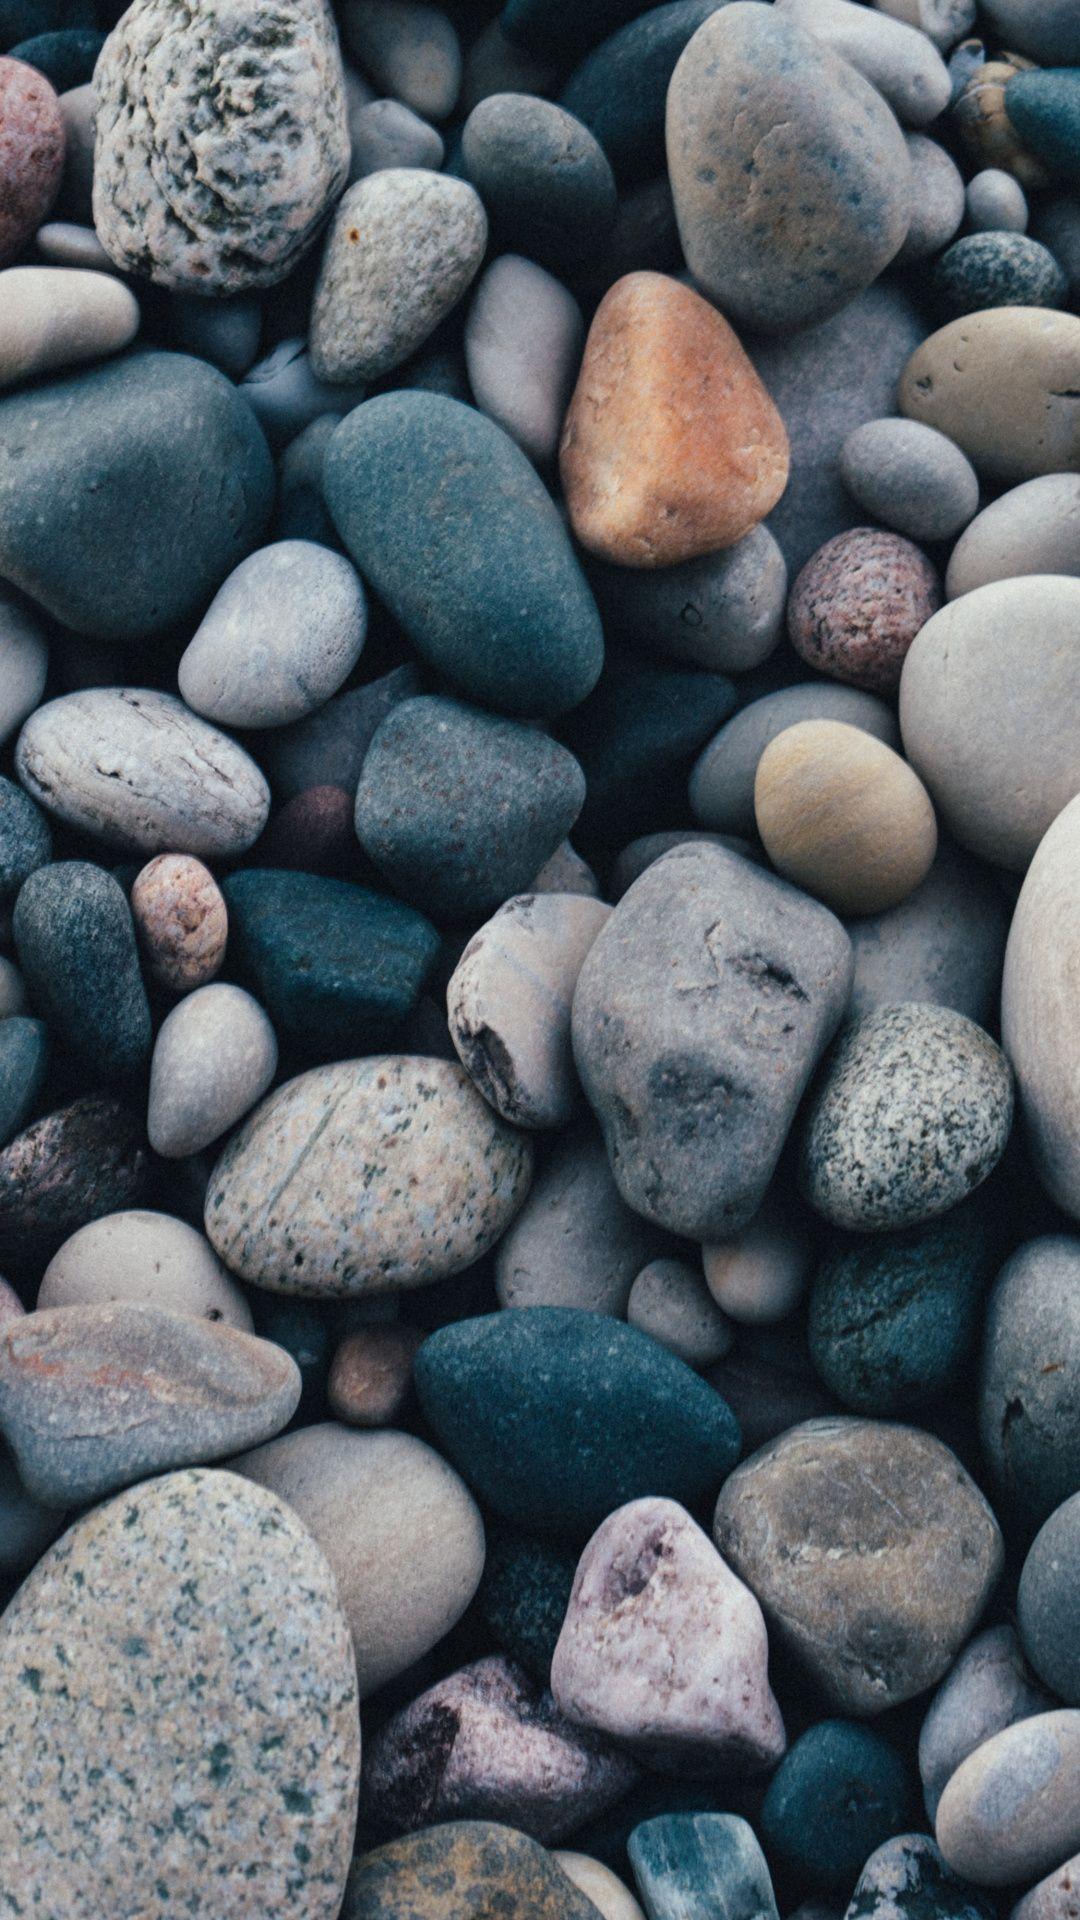 Granite Rocks Pebbles Wallpaper Beautiful Wallpapers For Iphone Simple Wallpapers Beautiful Wallpapers